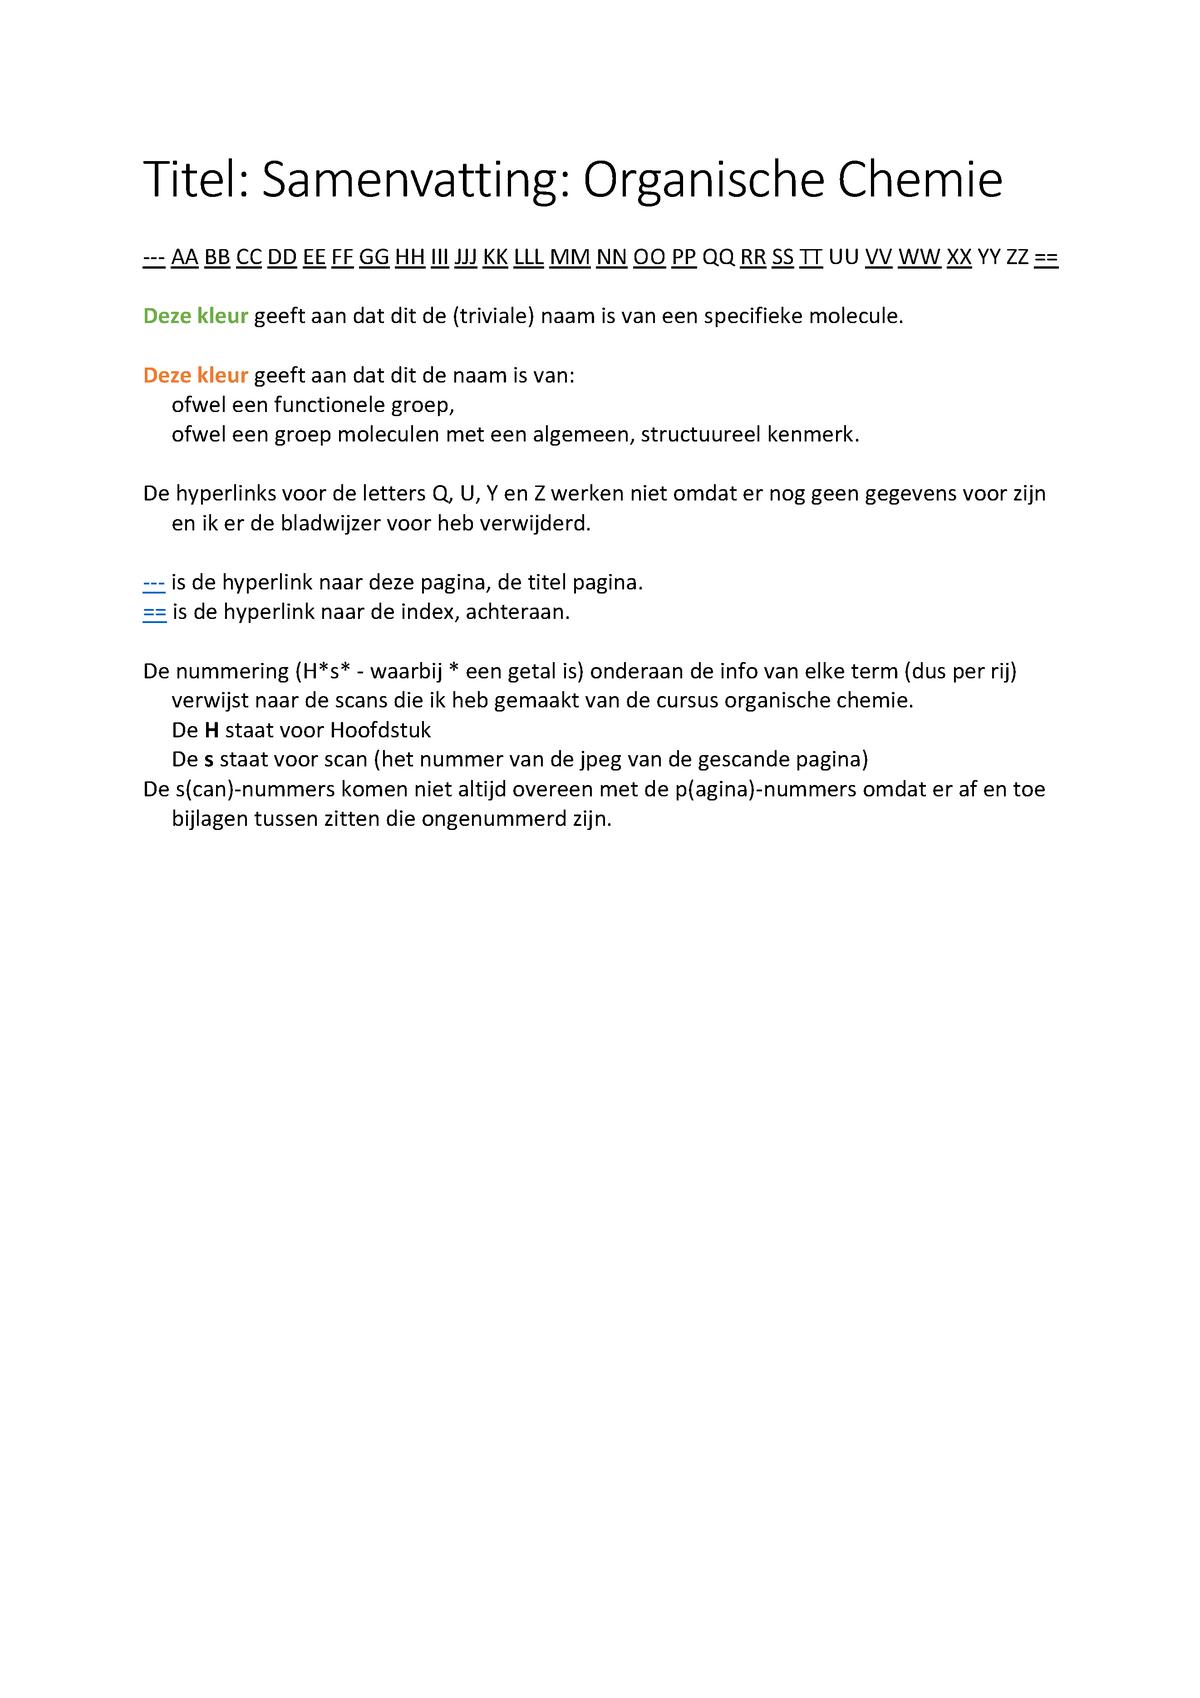 Organische Chemie Samenvatting In Tabellen Pdf Hogent